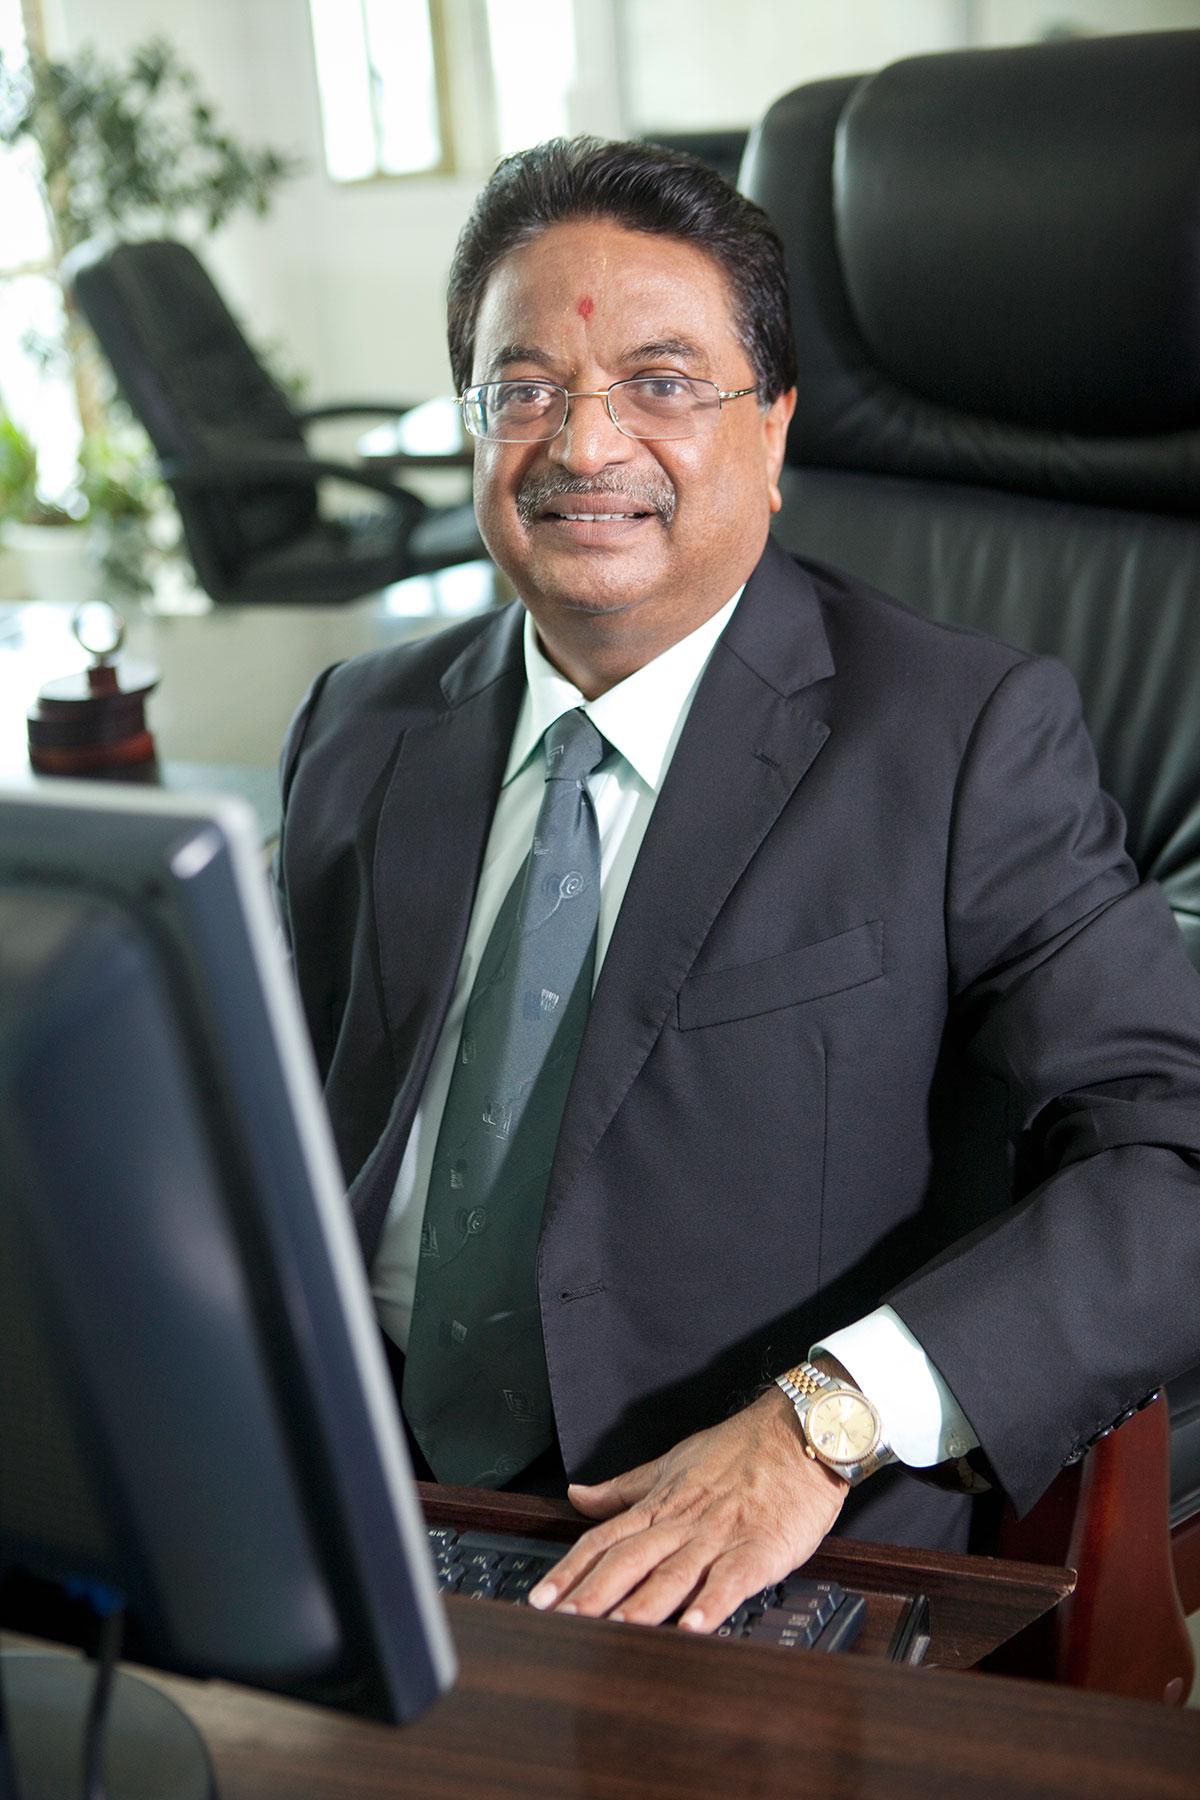 Mahesh Raojibhai Patel